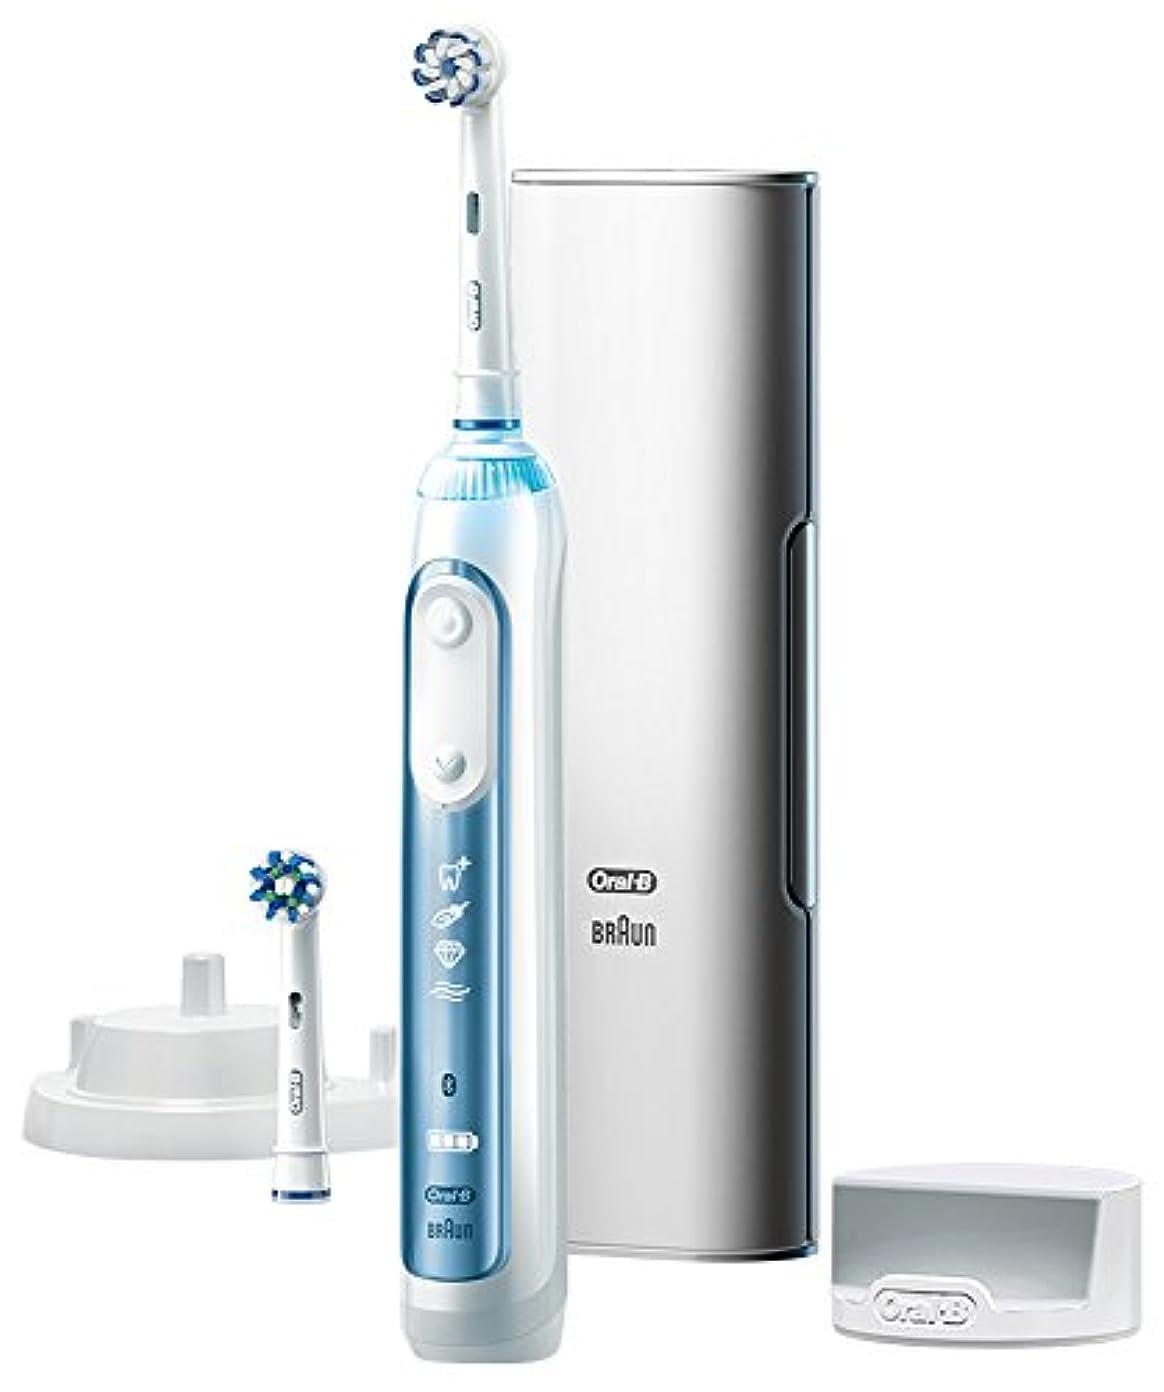 ソートヒュームカップルブラウン オーラルB 電動歯ブラシ スマート7000 D7005245XP D7005245XP